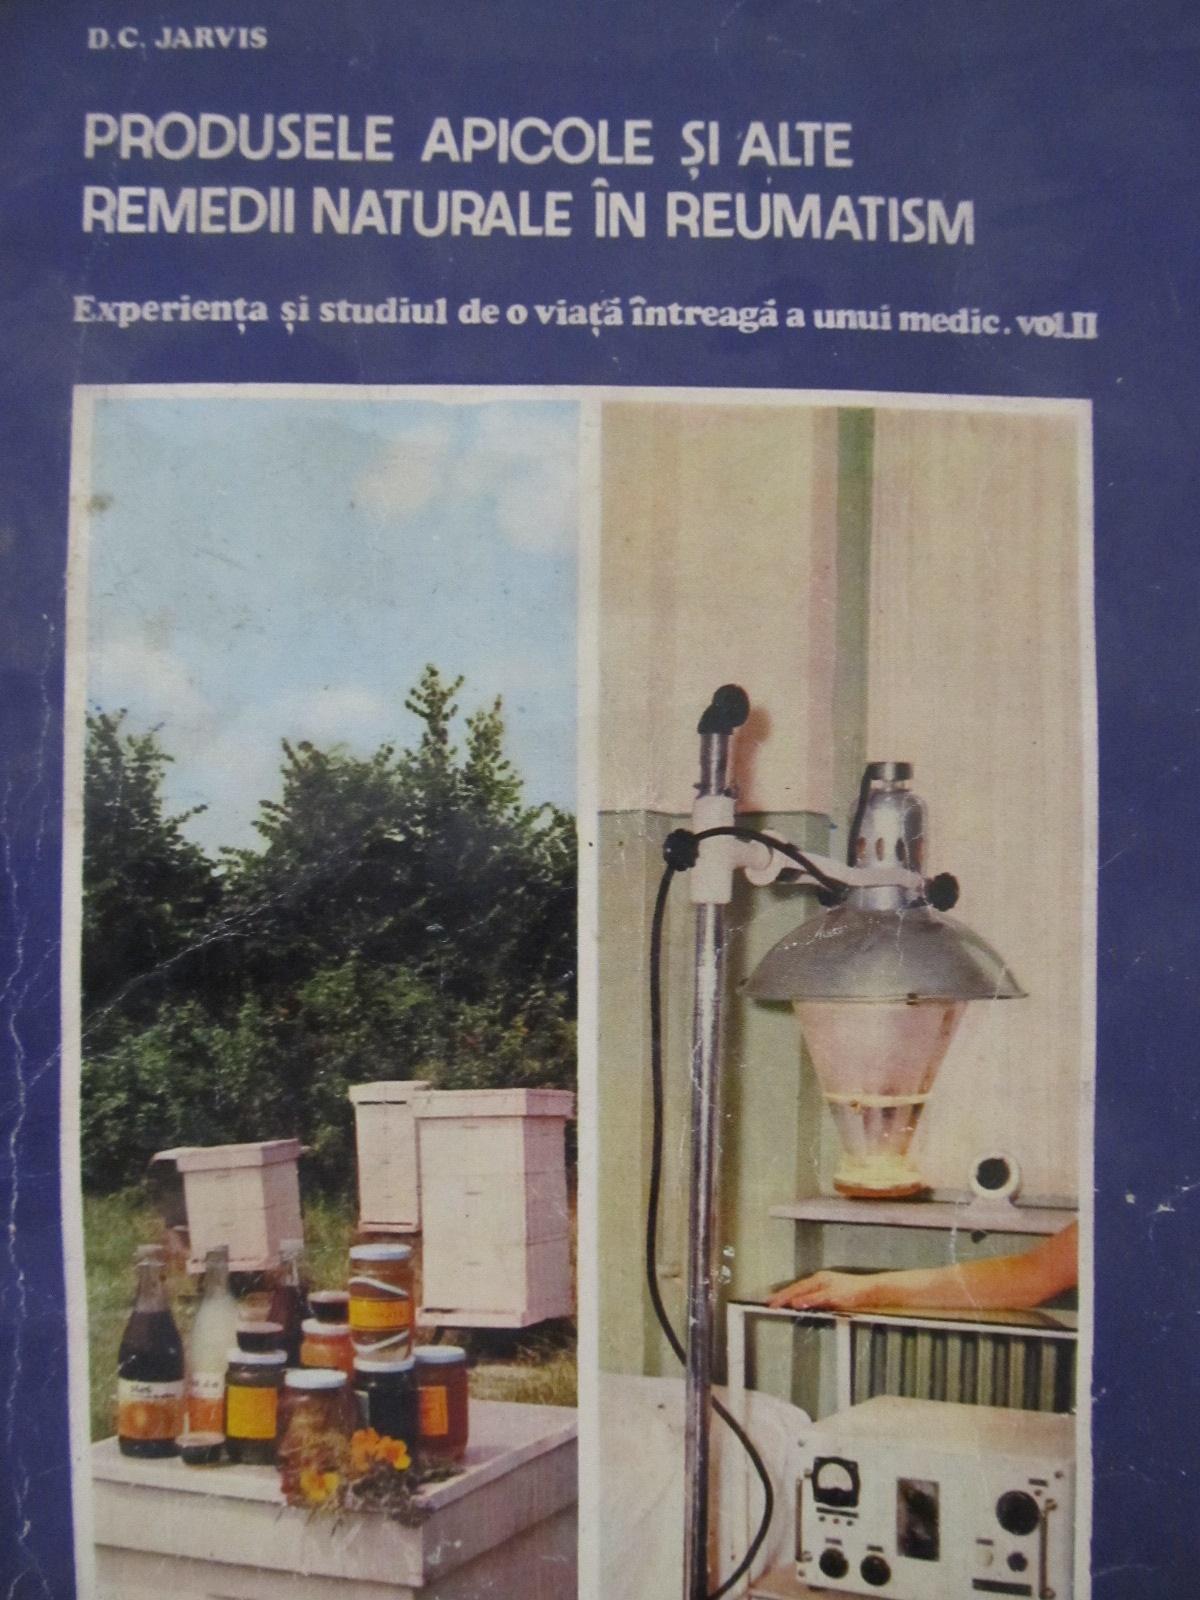 Produsele apicole si alte remedii naturale in reumatism - Experienta si studiul de o viata a unui medic (apicultura) [1] - D. C. Jarvis   Detalii carte